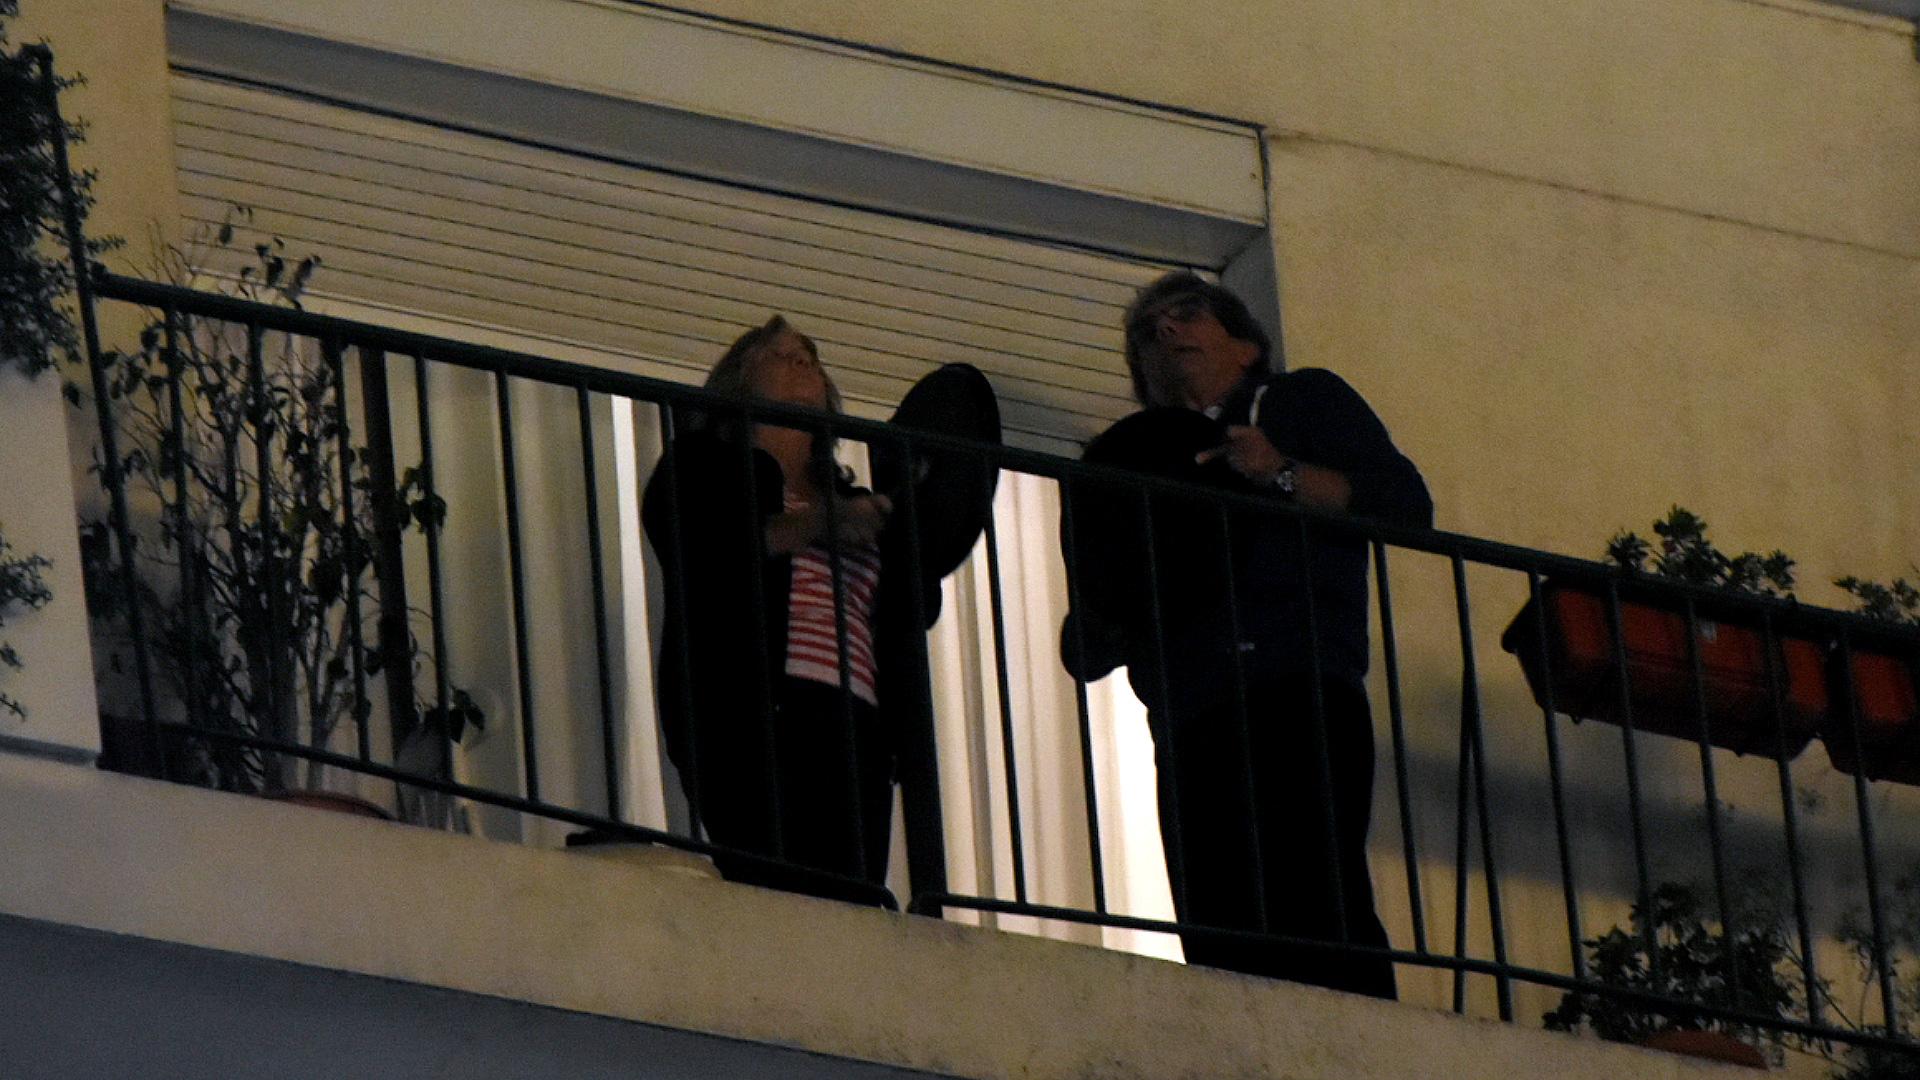 La gente salió a los balcones para manifestar su rechazo a la medida impulsada en la Justicia.